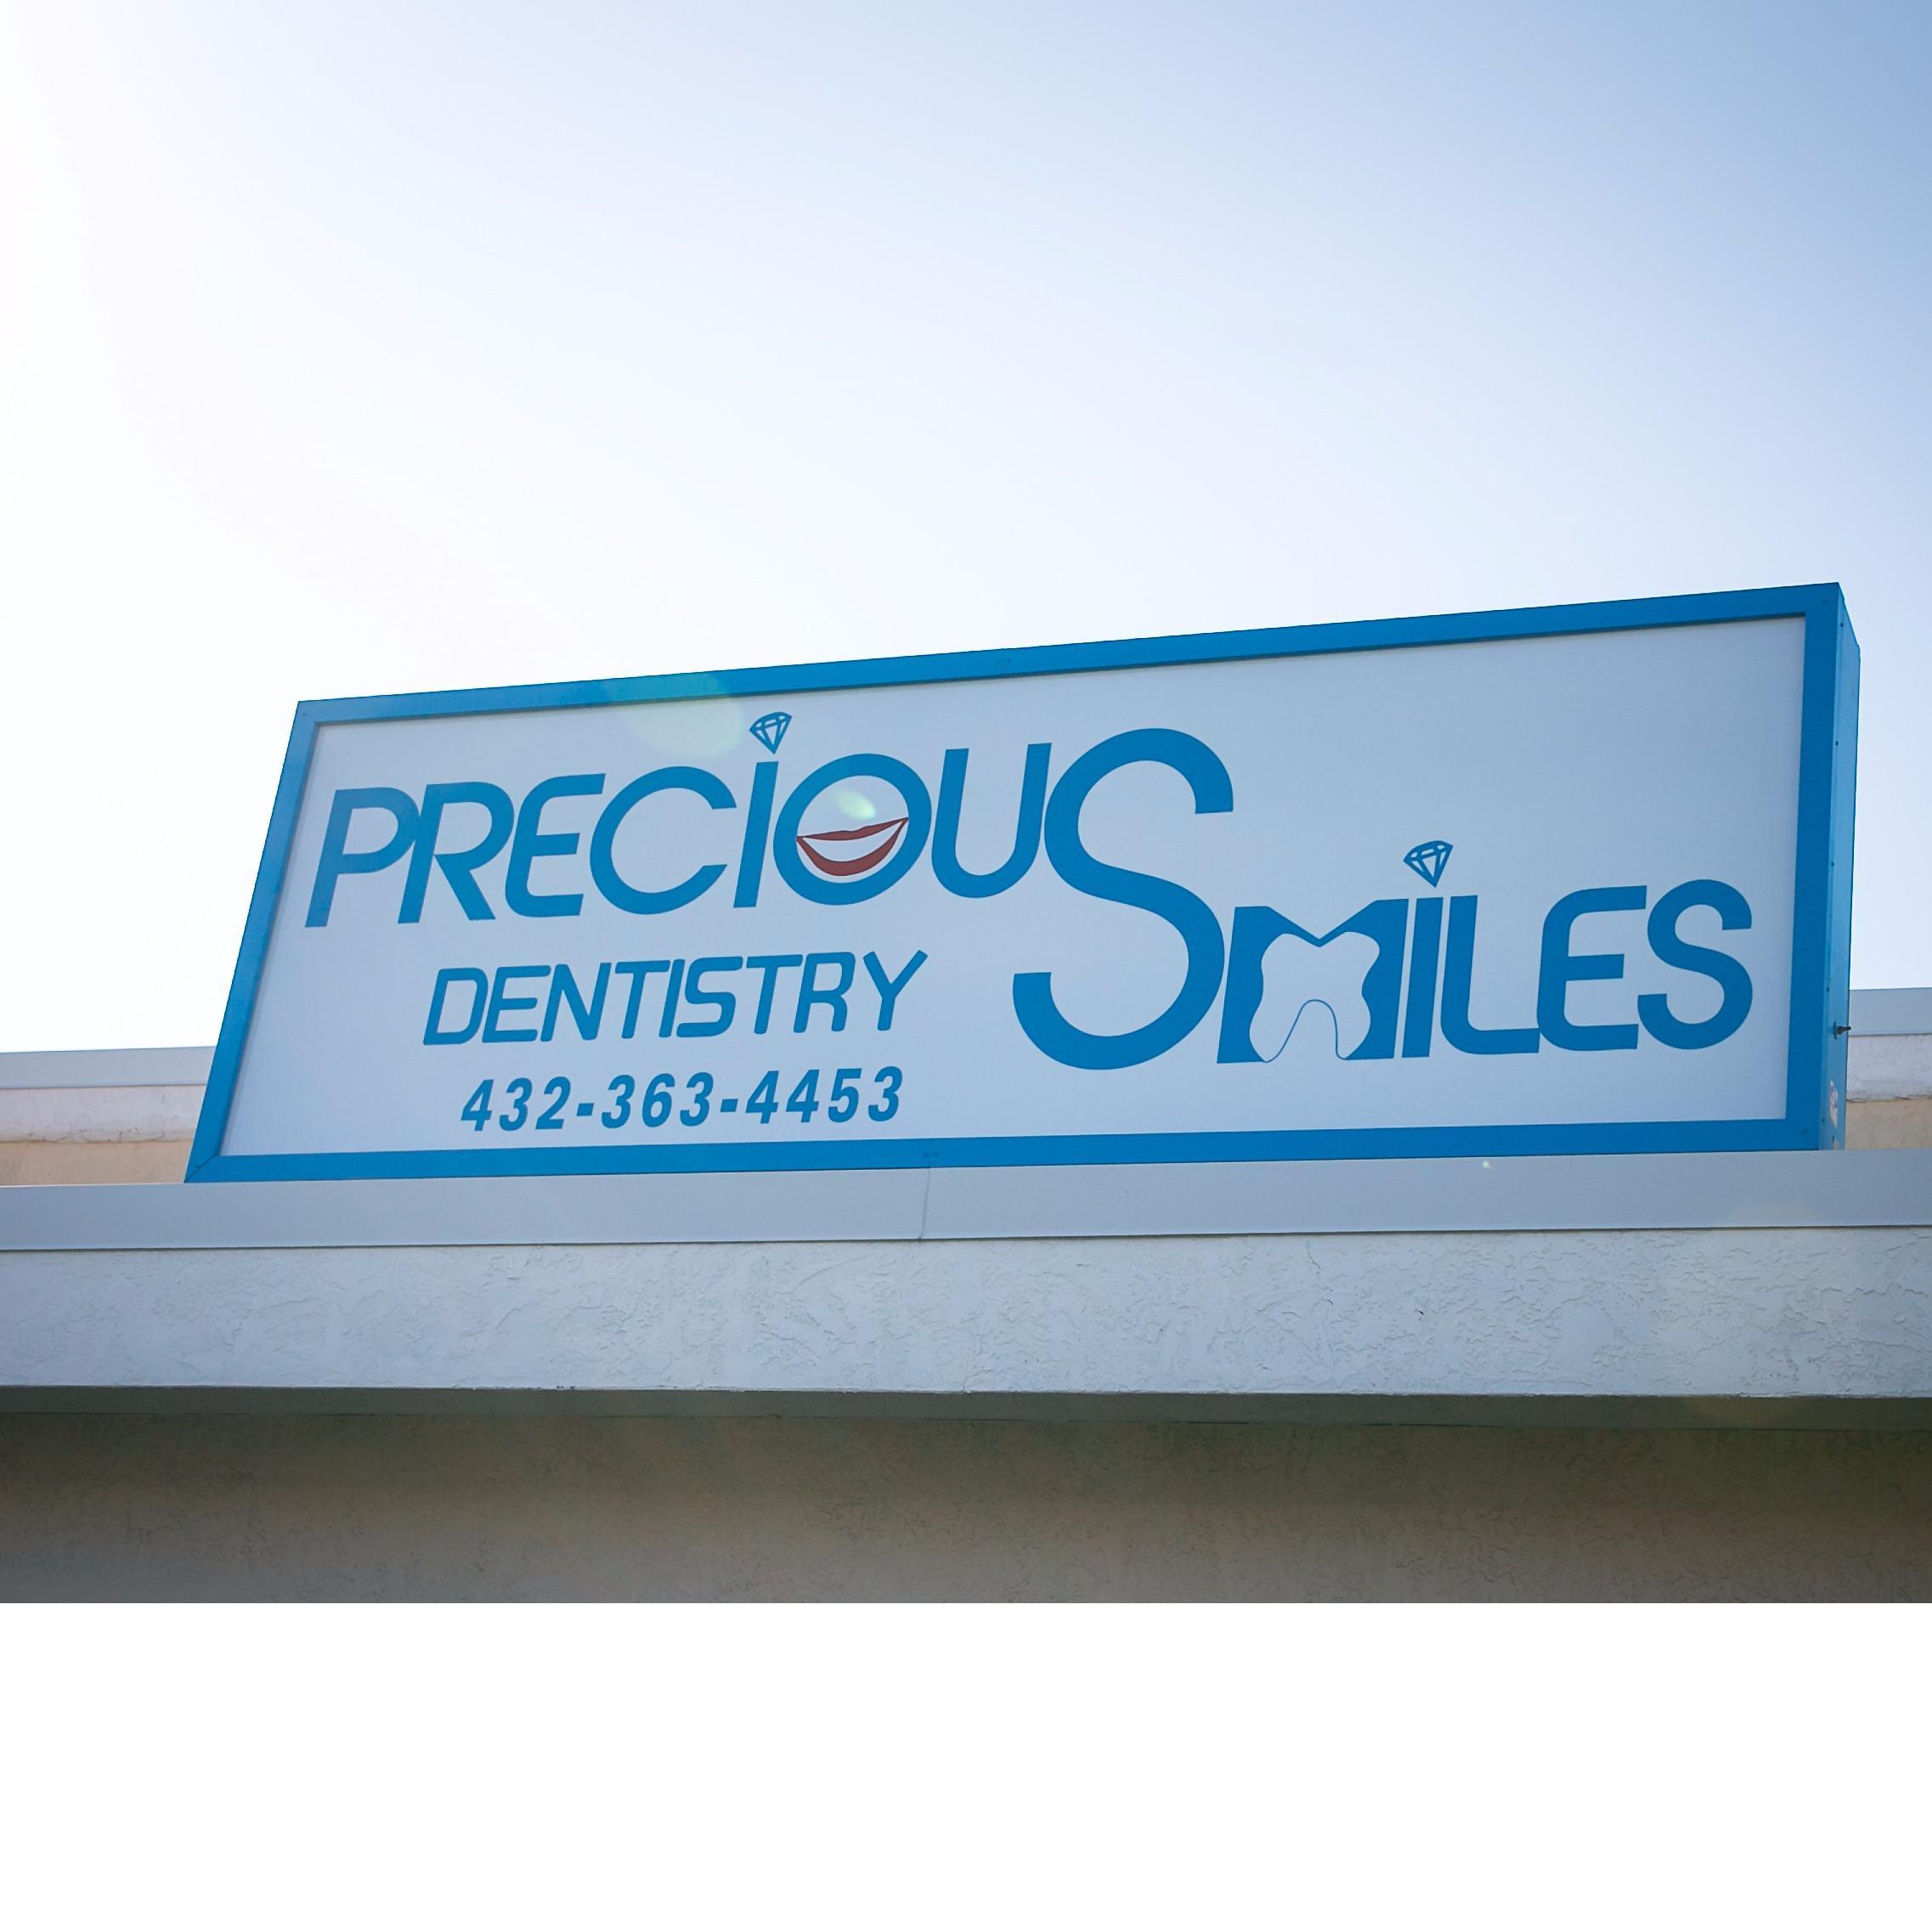 Precious Smiles Dentistry